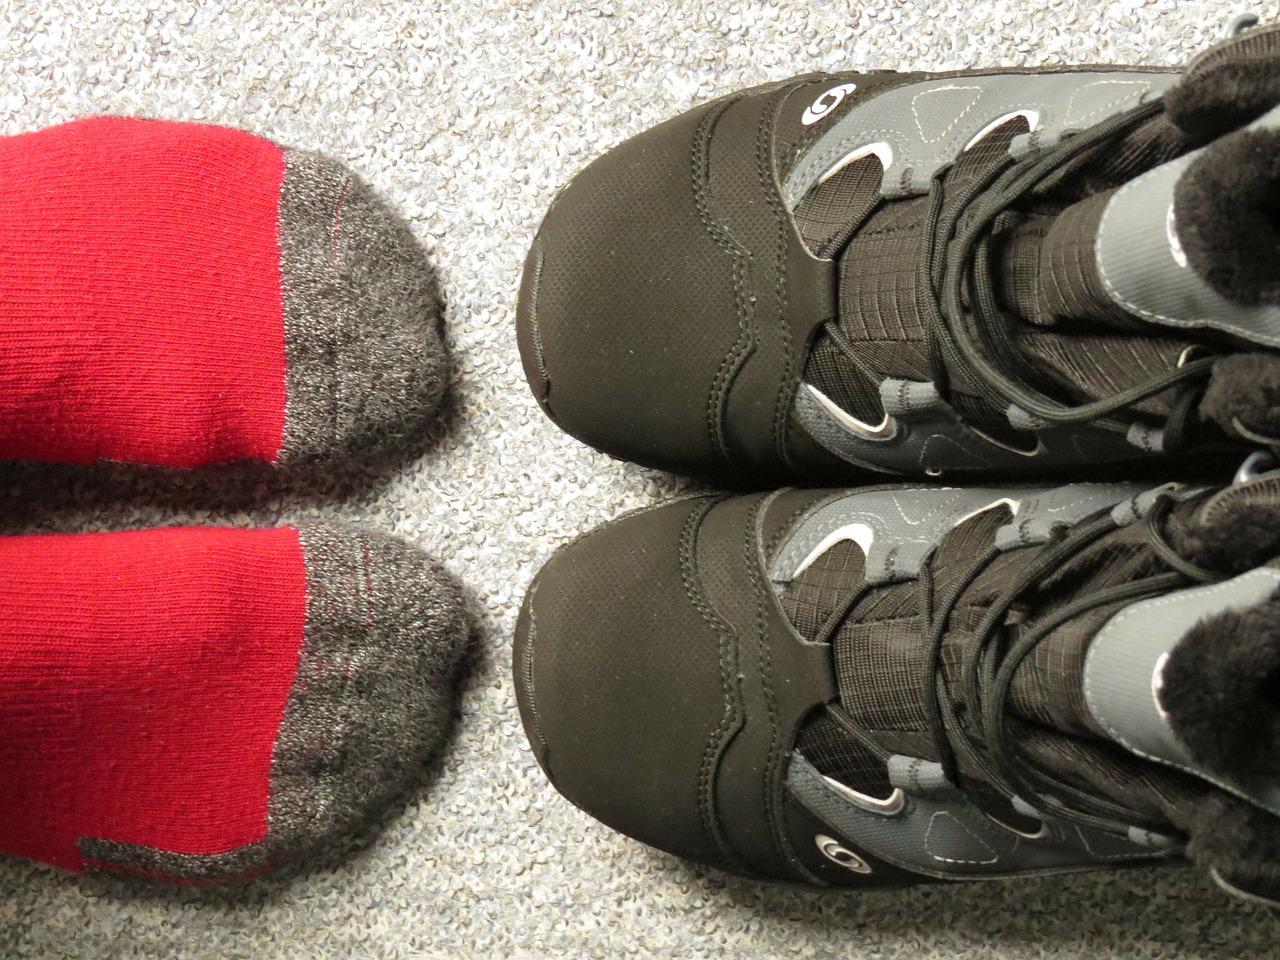 マラソン用の靴下選びがランニングを変える?!厚手・薄手を使い分けて